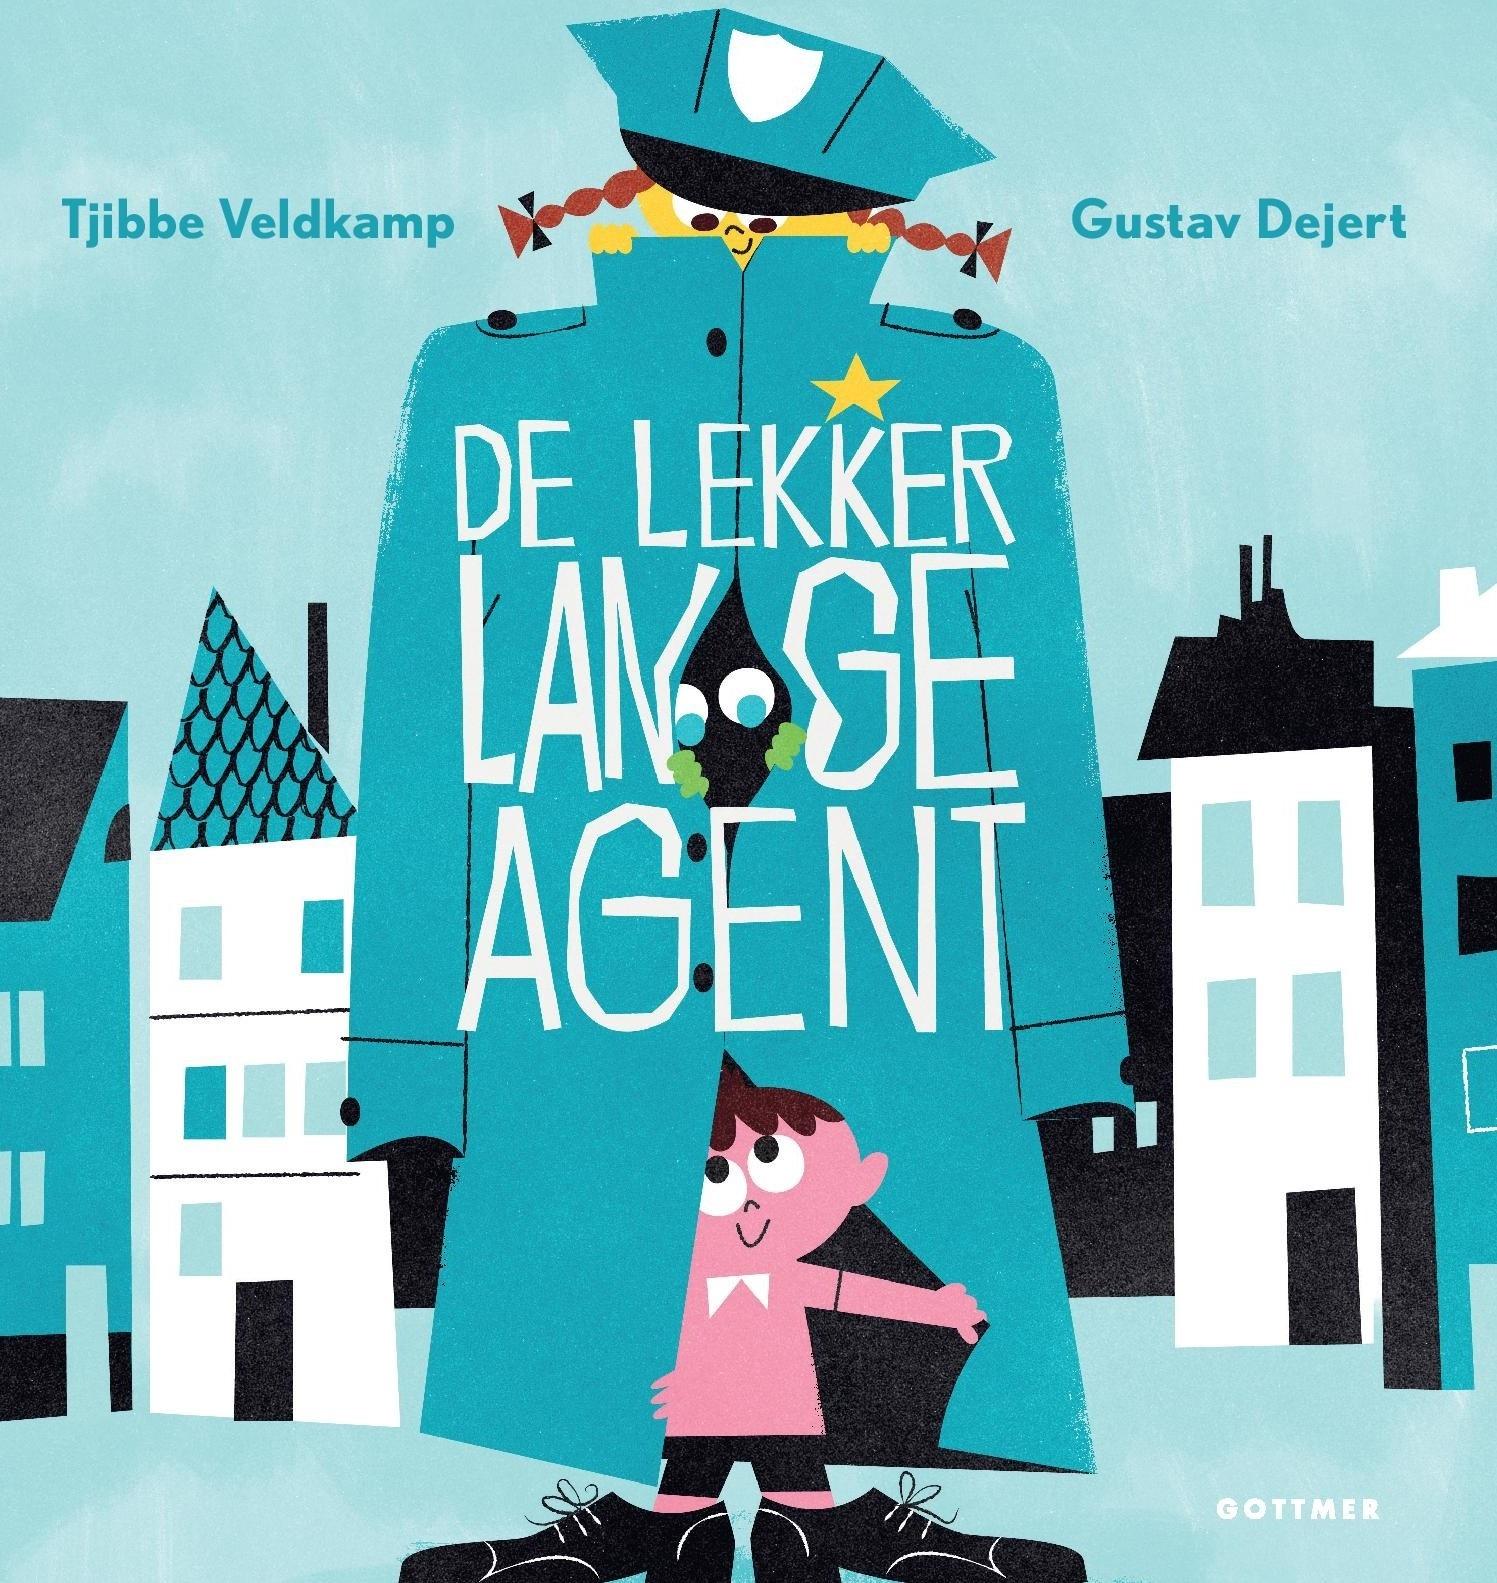 Review: De lekker lange agent